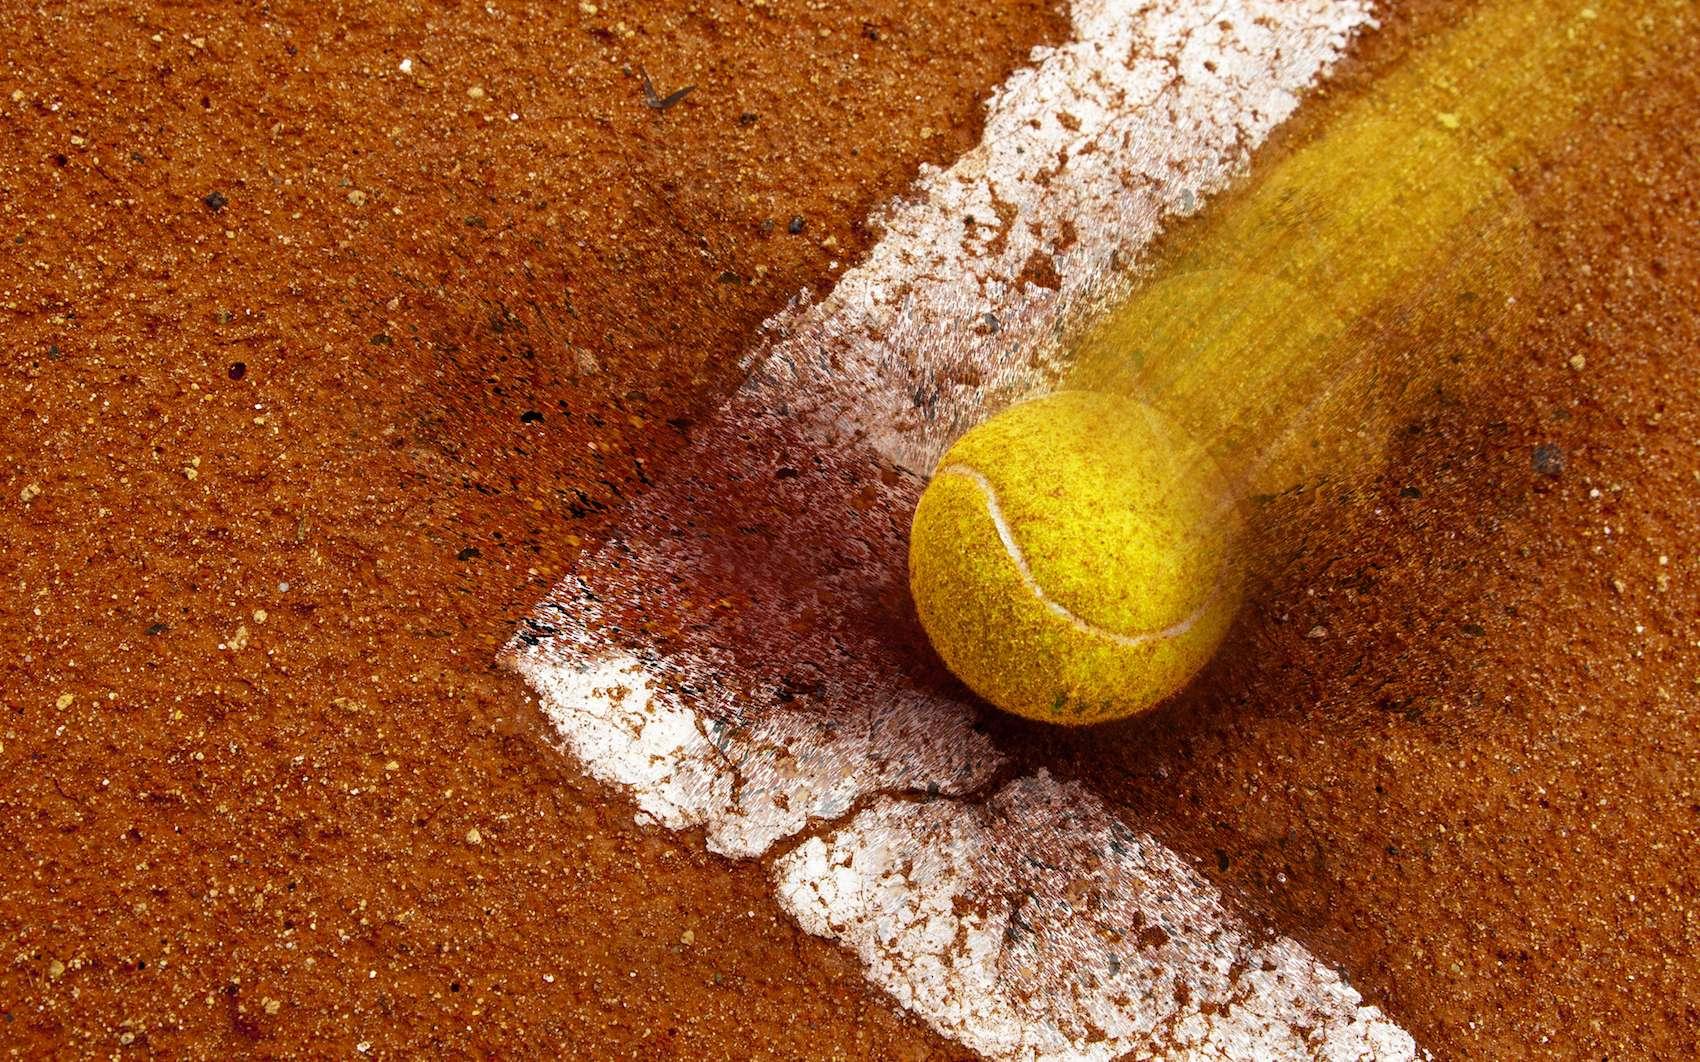 L'annonce des juges de ligne sera bientôt remplacée par celle de machines capables d'analyser précisément si la balle sort ou non. © Yves Damin, stock.adobe.com